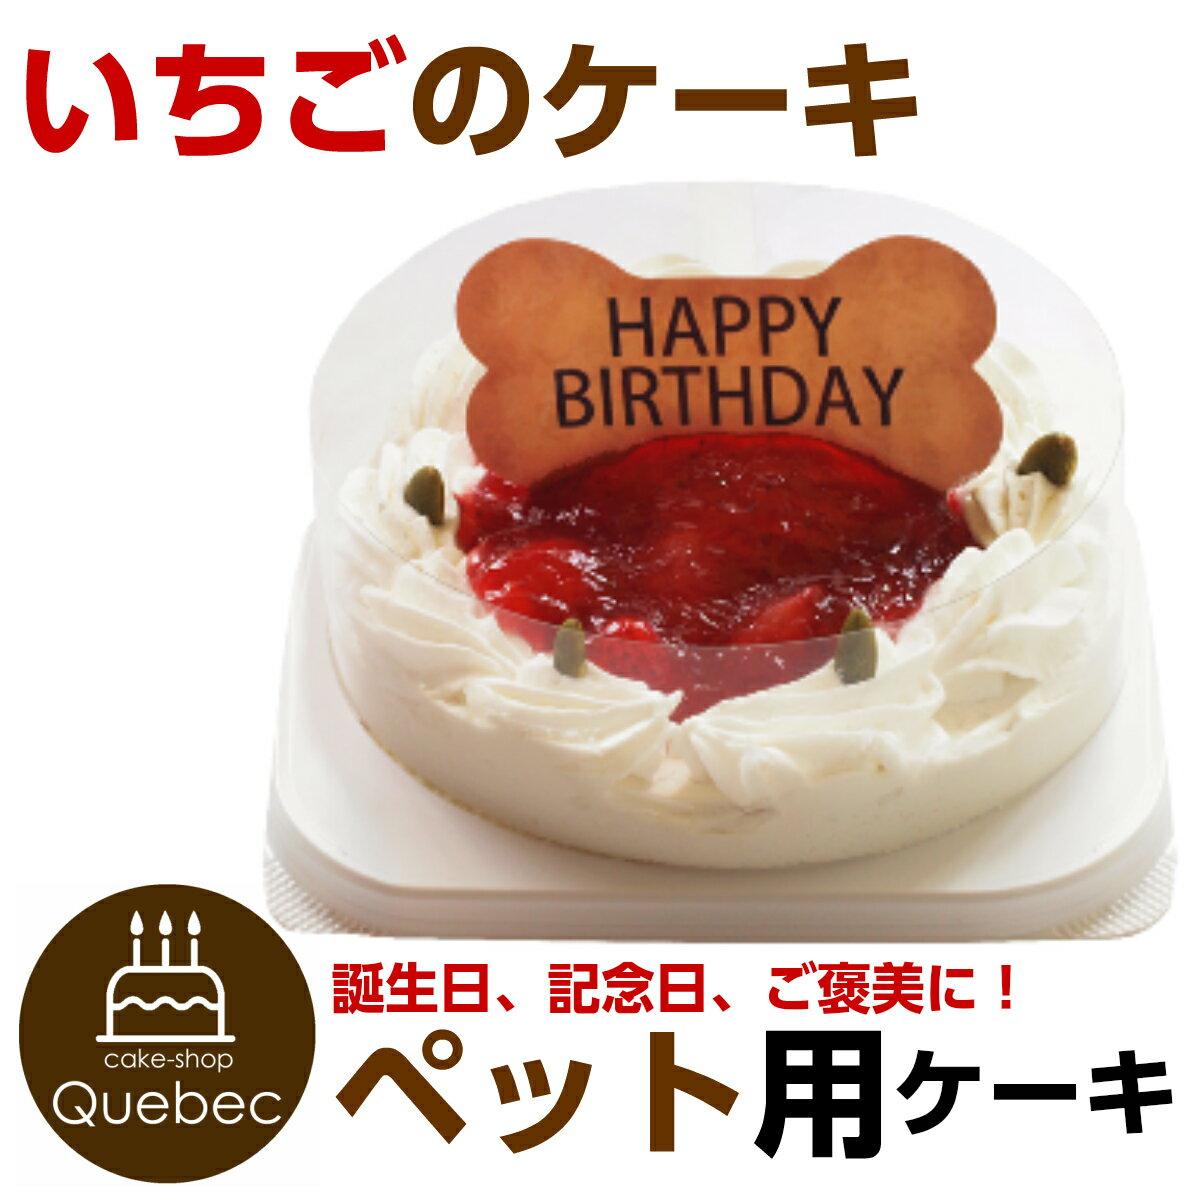 大人気 (コミフ) 誕生日ケーキ バースデーケーキ ワンちゃん用 犬用 ワンちゃん用 コミフ いちごのバースデーケーキ ペットケーキ